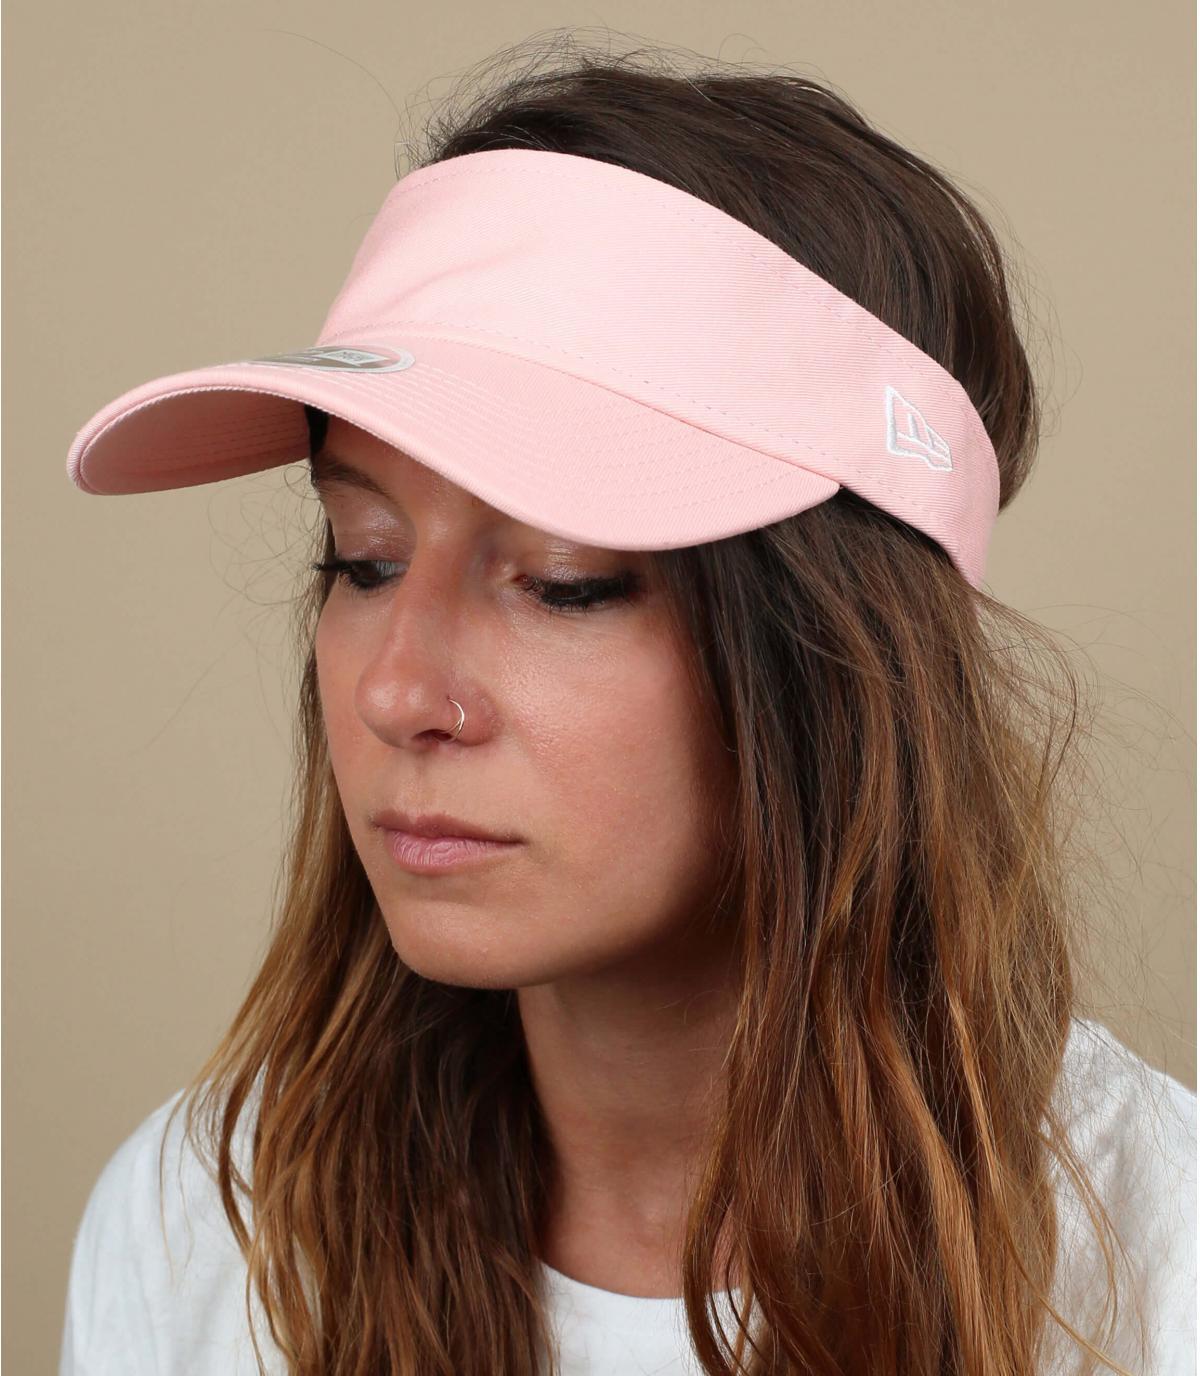 vrouw roze vizier